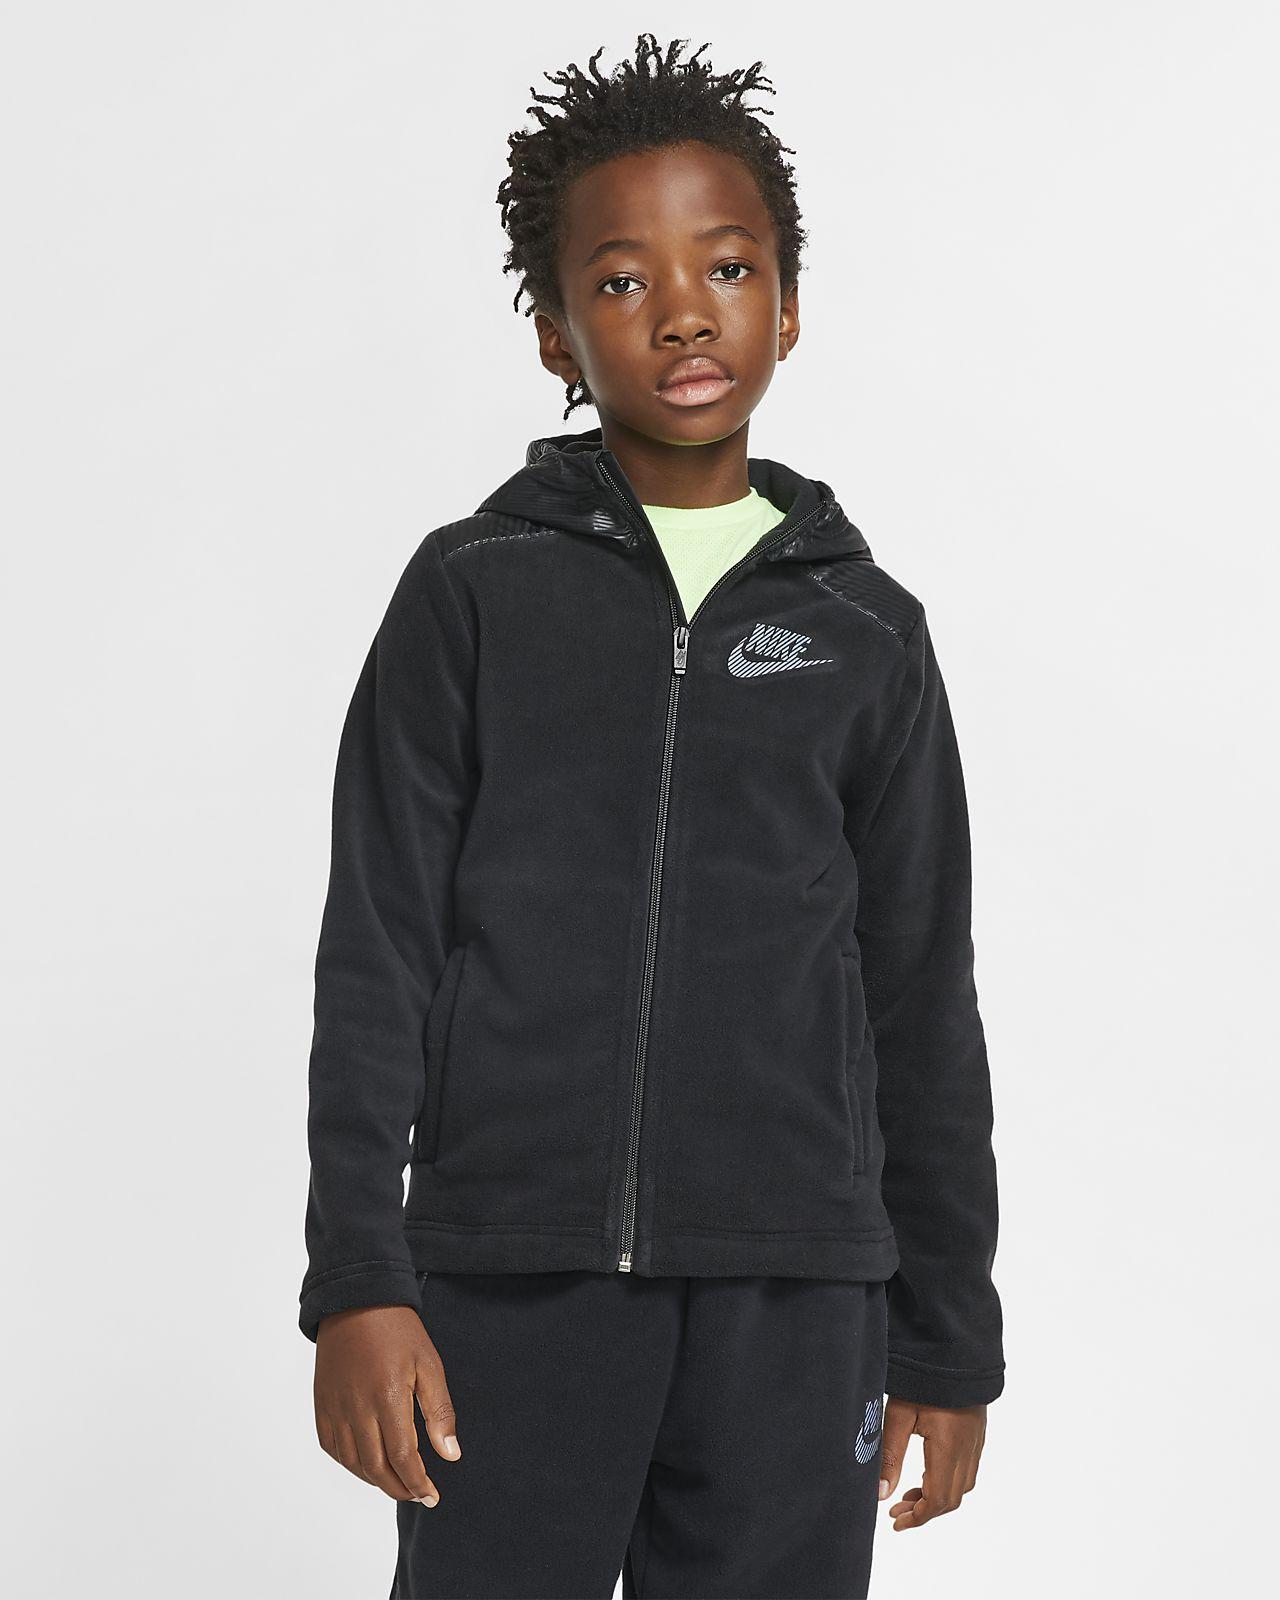 Nike Sportswear Winterized Big Kids' (Boys') Full Zip Hoodie